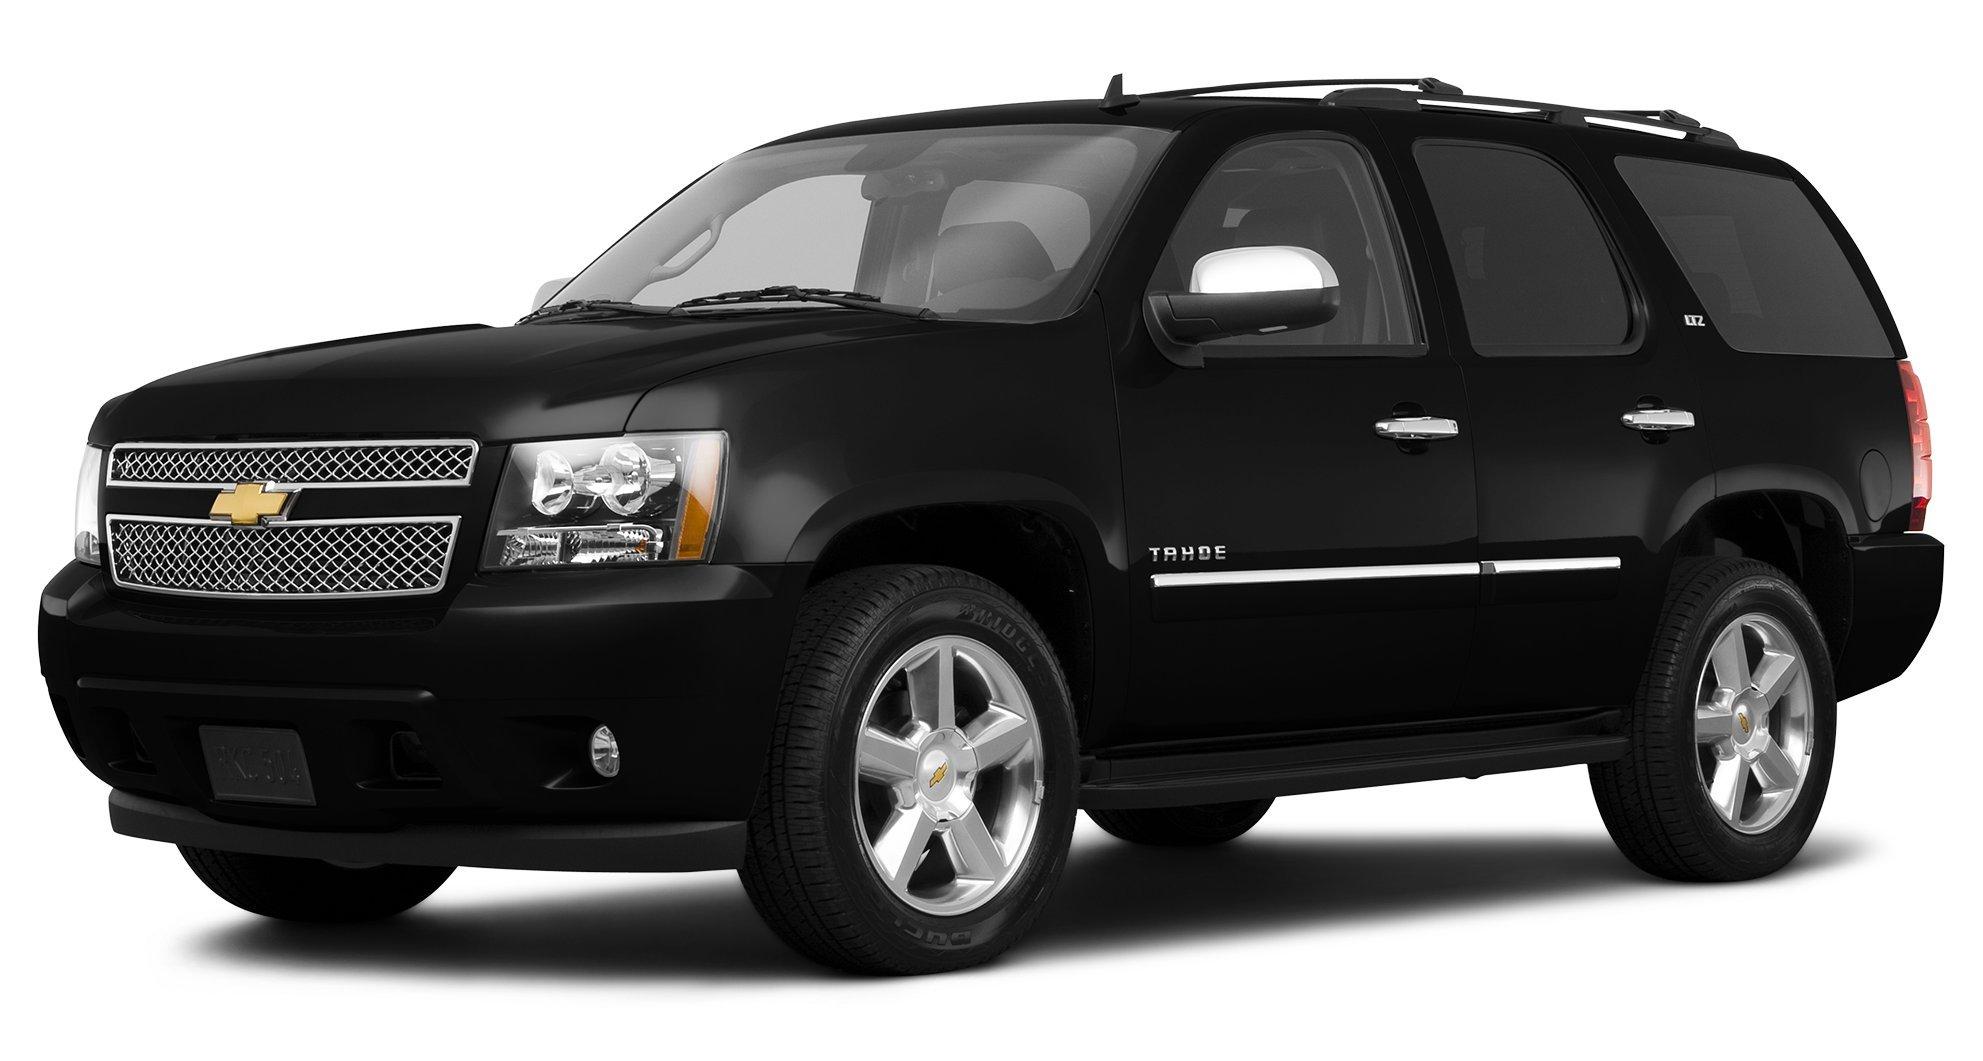 2011 Nissan Pathfinder Reviews Images And Specs Vehicles Xterra Fuel Filter Chevrolet Tahoe Ltz 2 Wheel Drive 4 Door 1500